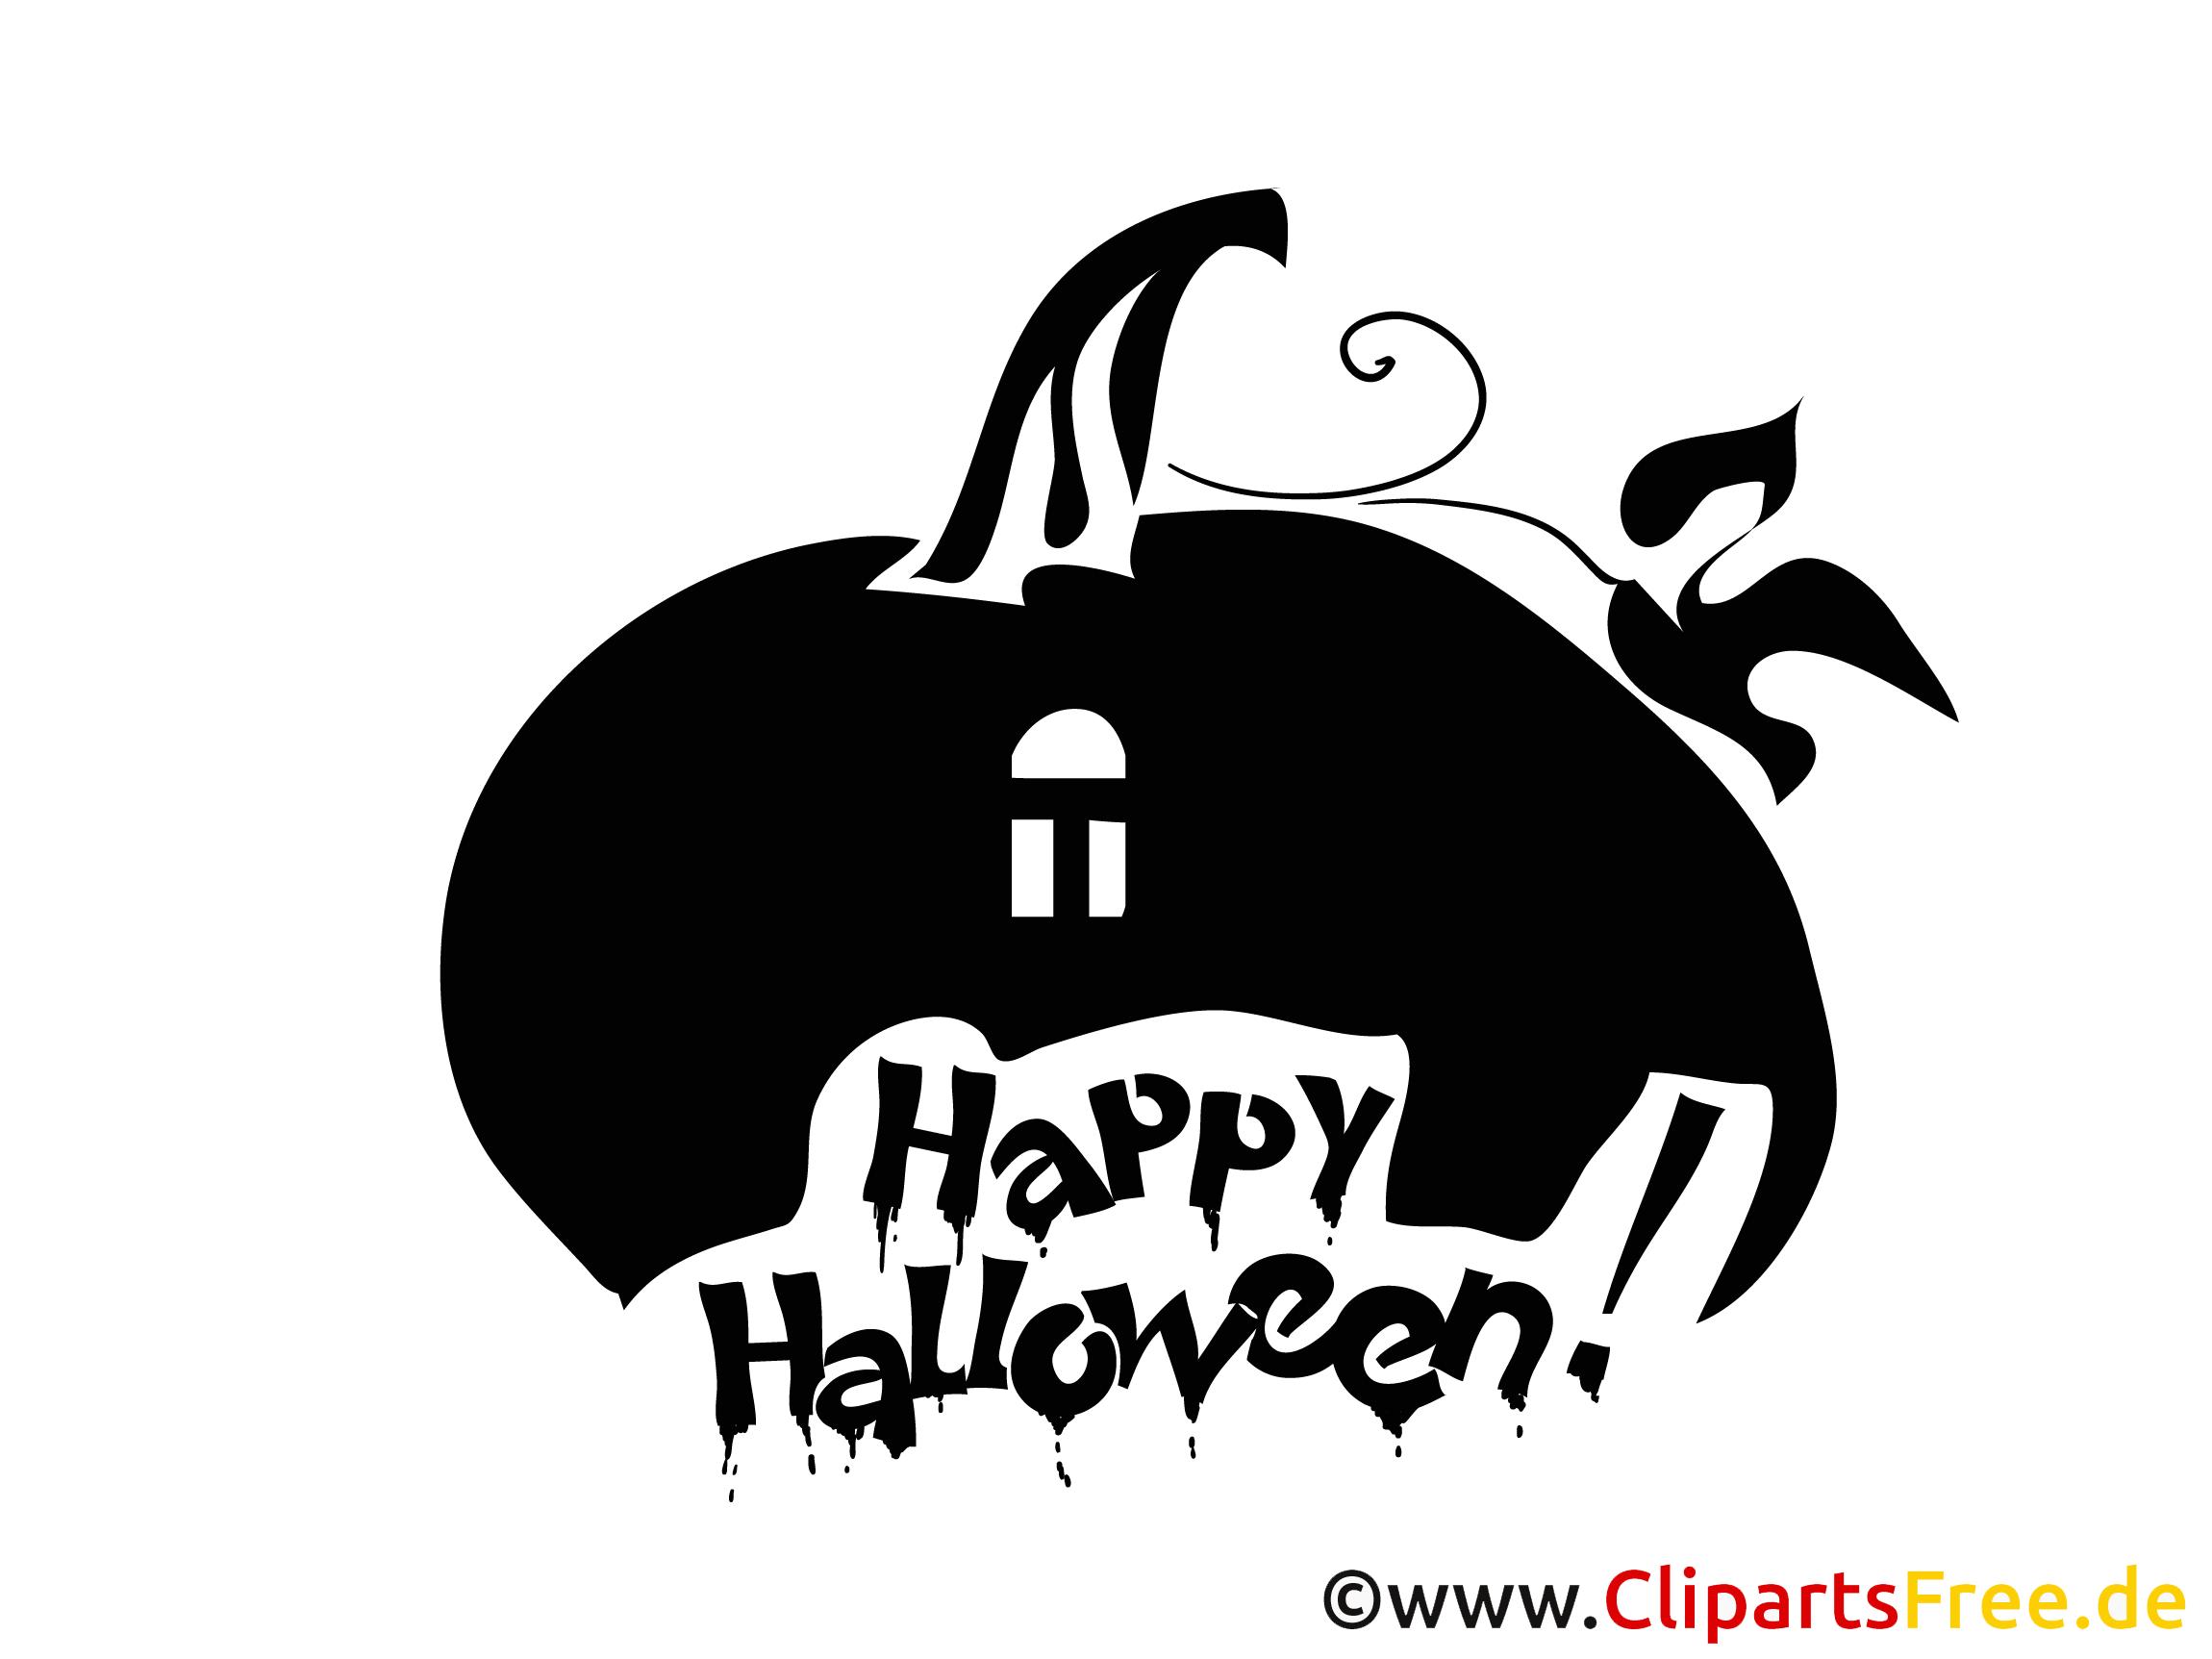 Halloween Bild zum Drucken und Ausschneiden